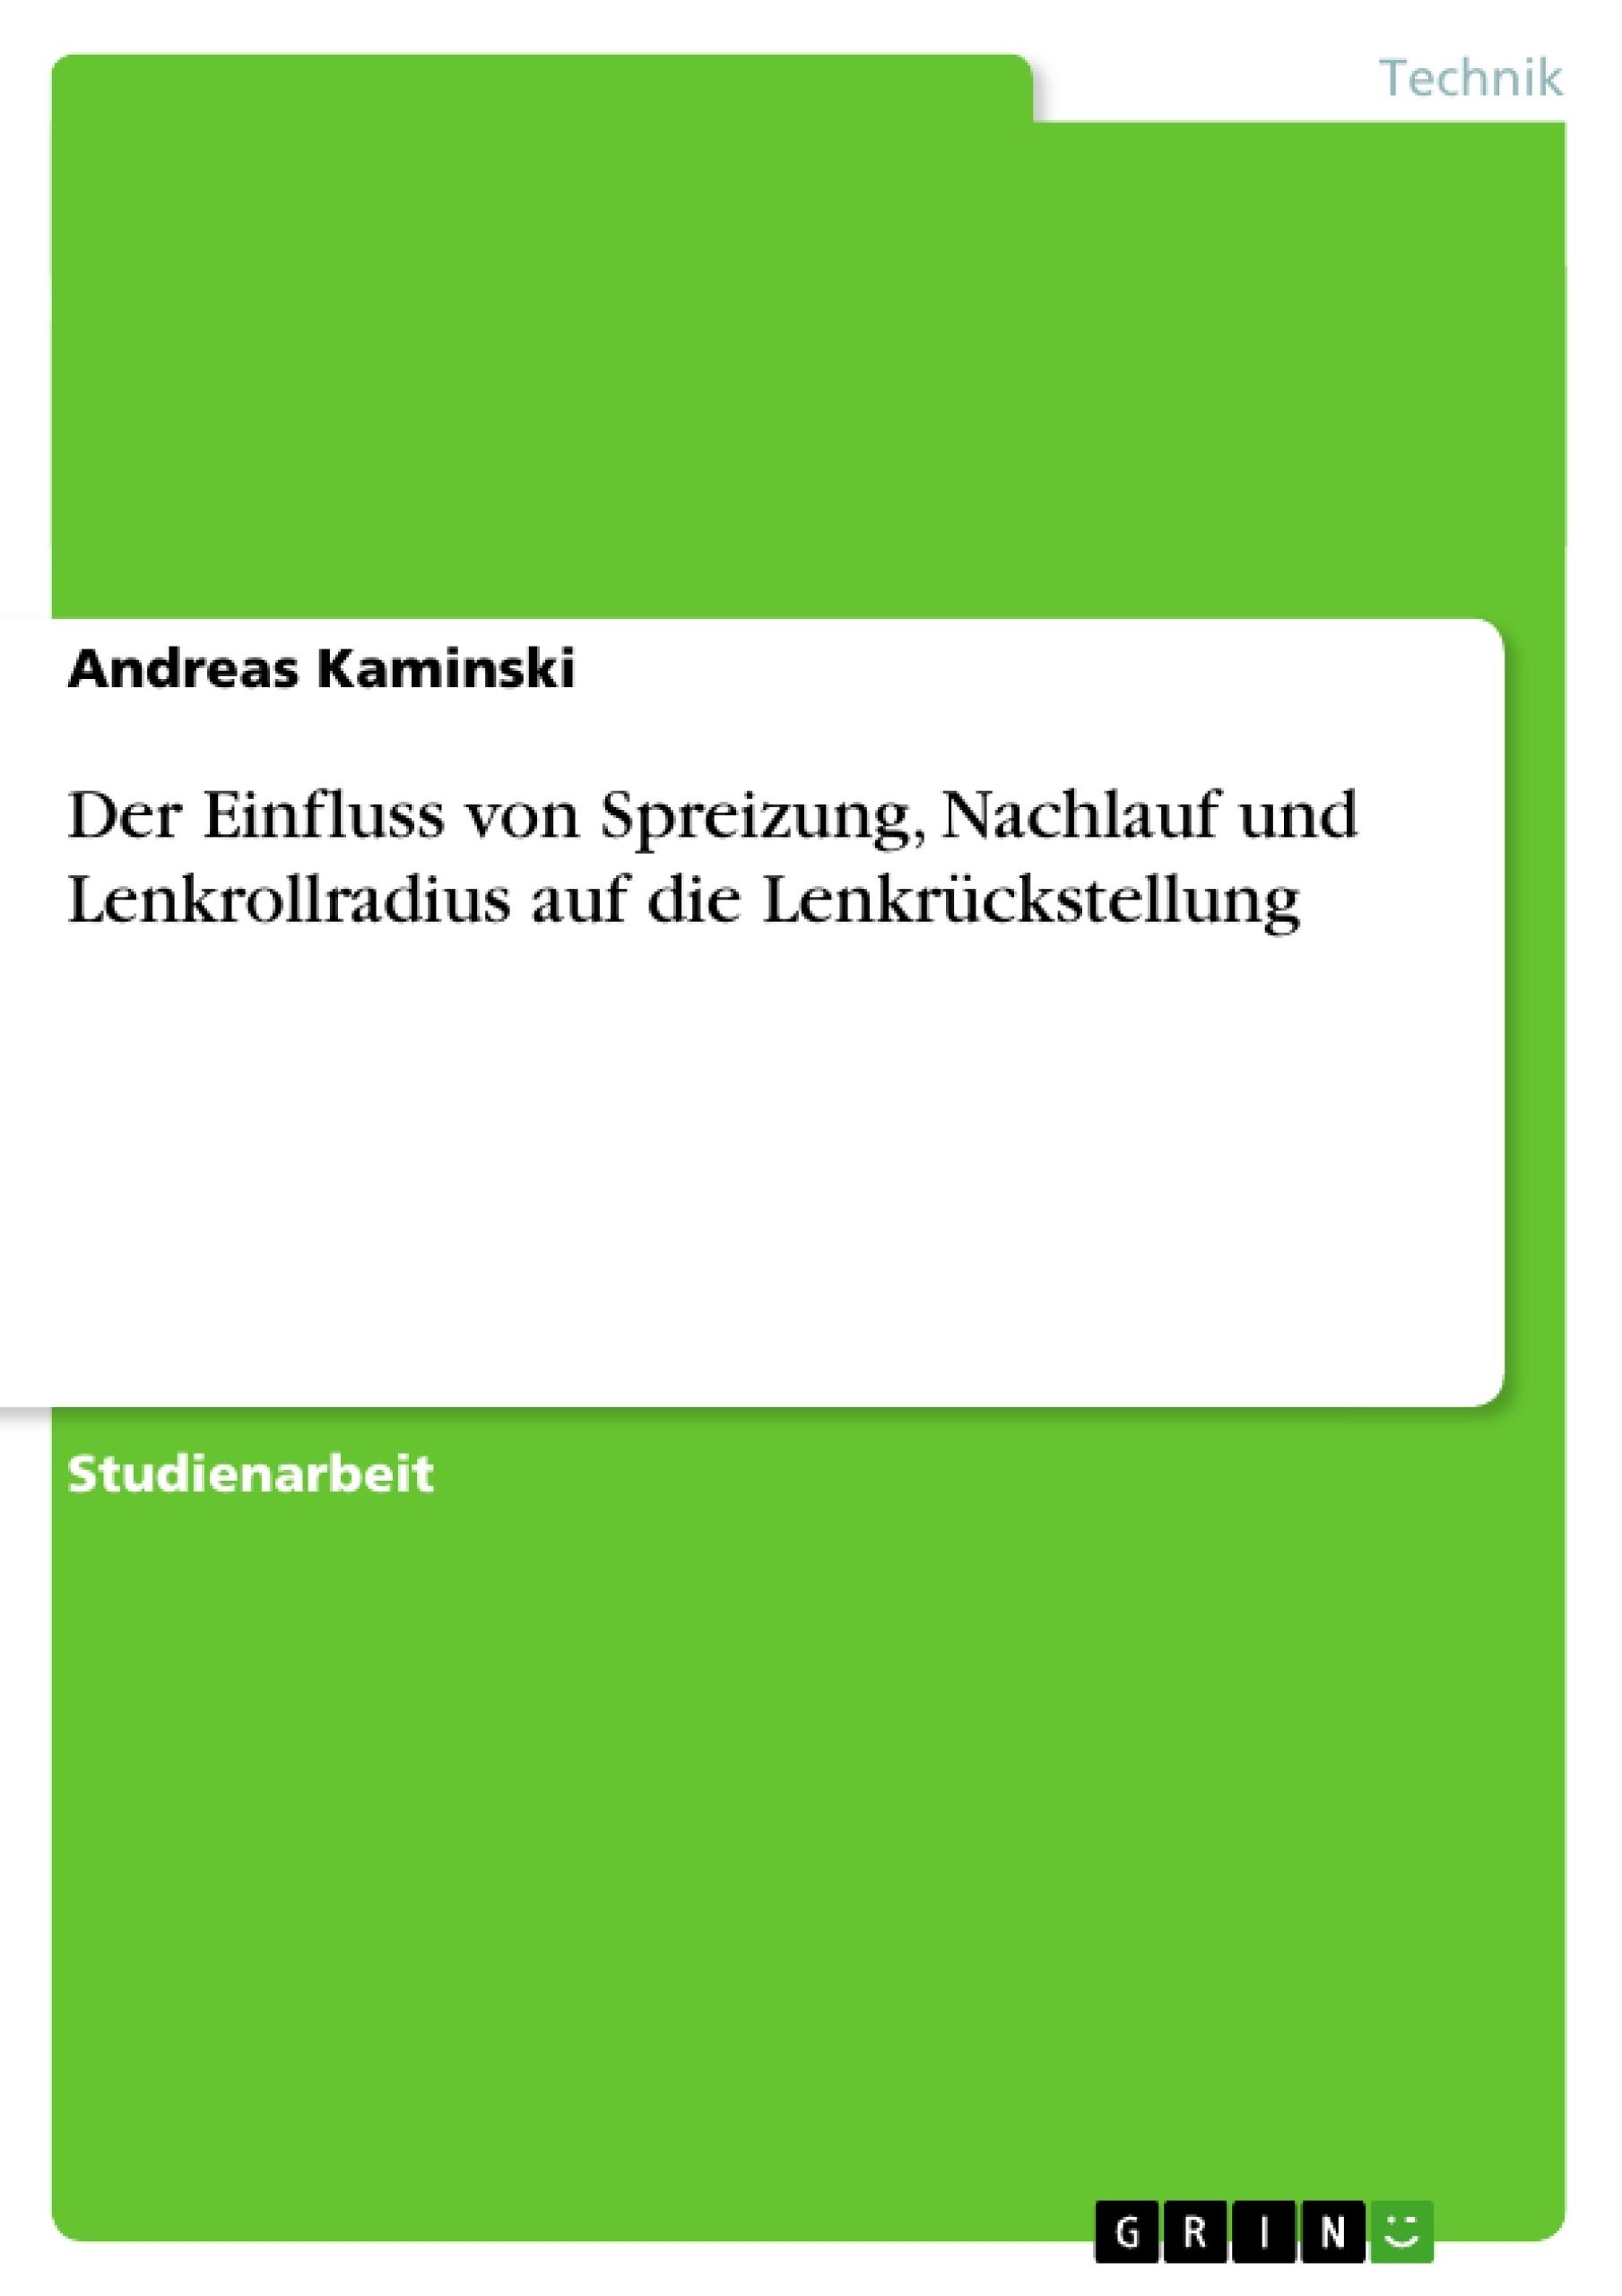 Titel: Der Einfluss von Spreizung, Nachlauf und Lenkrollradius auf die Lenkrückstellung